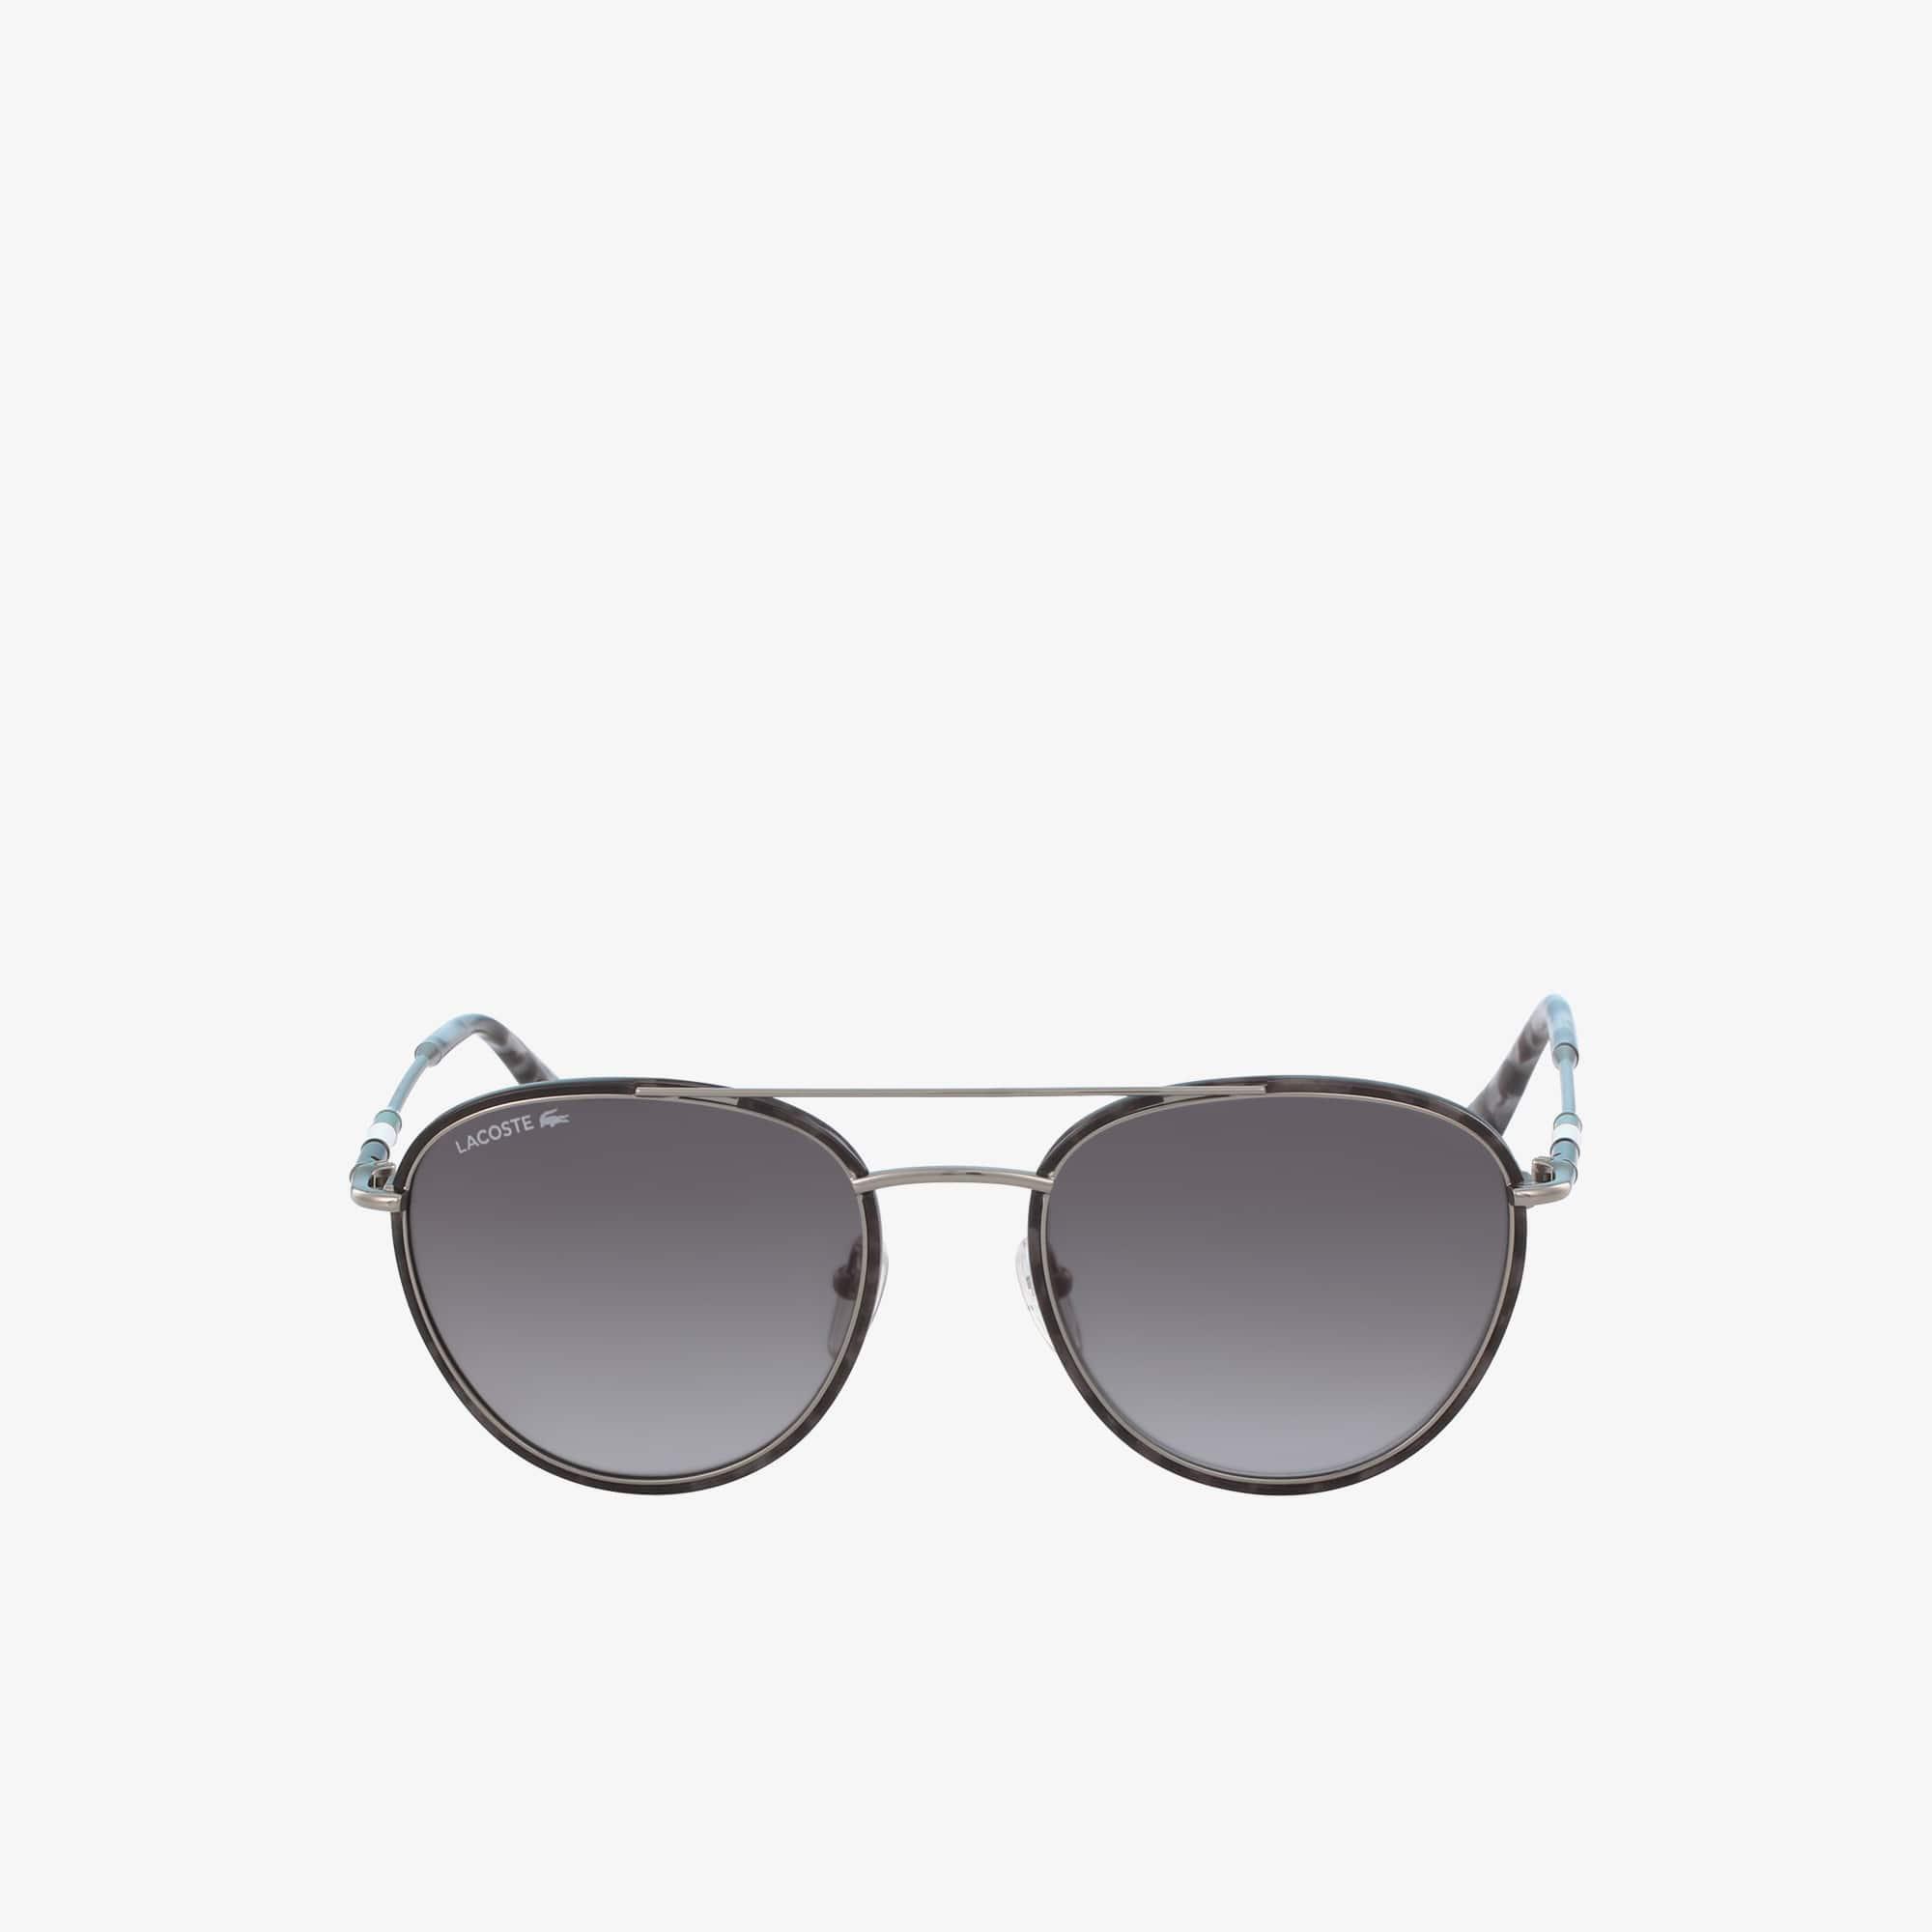 Occhiali da sole ovali in metallo della collezione Novak Djokovic